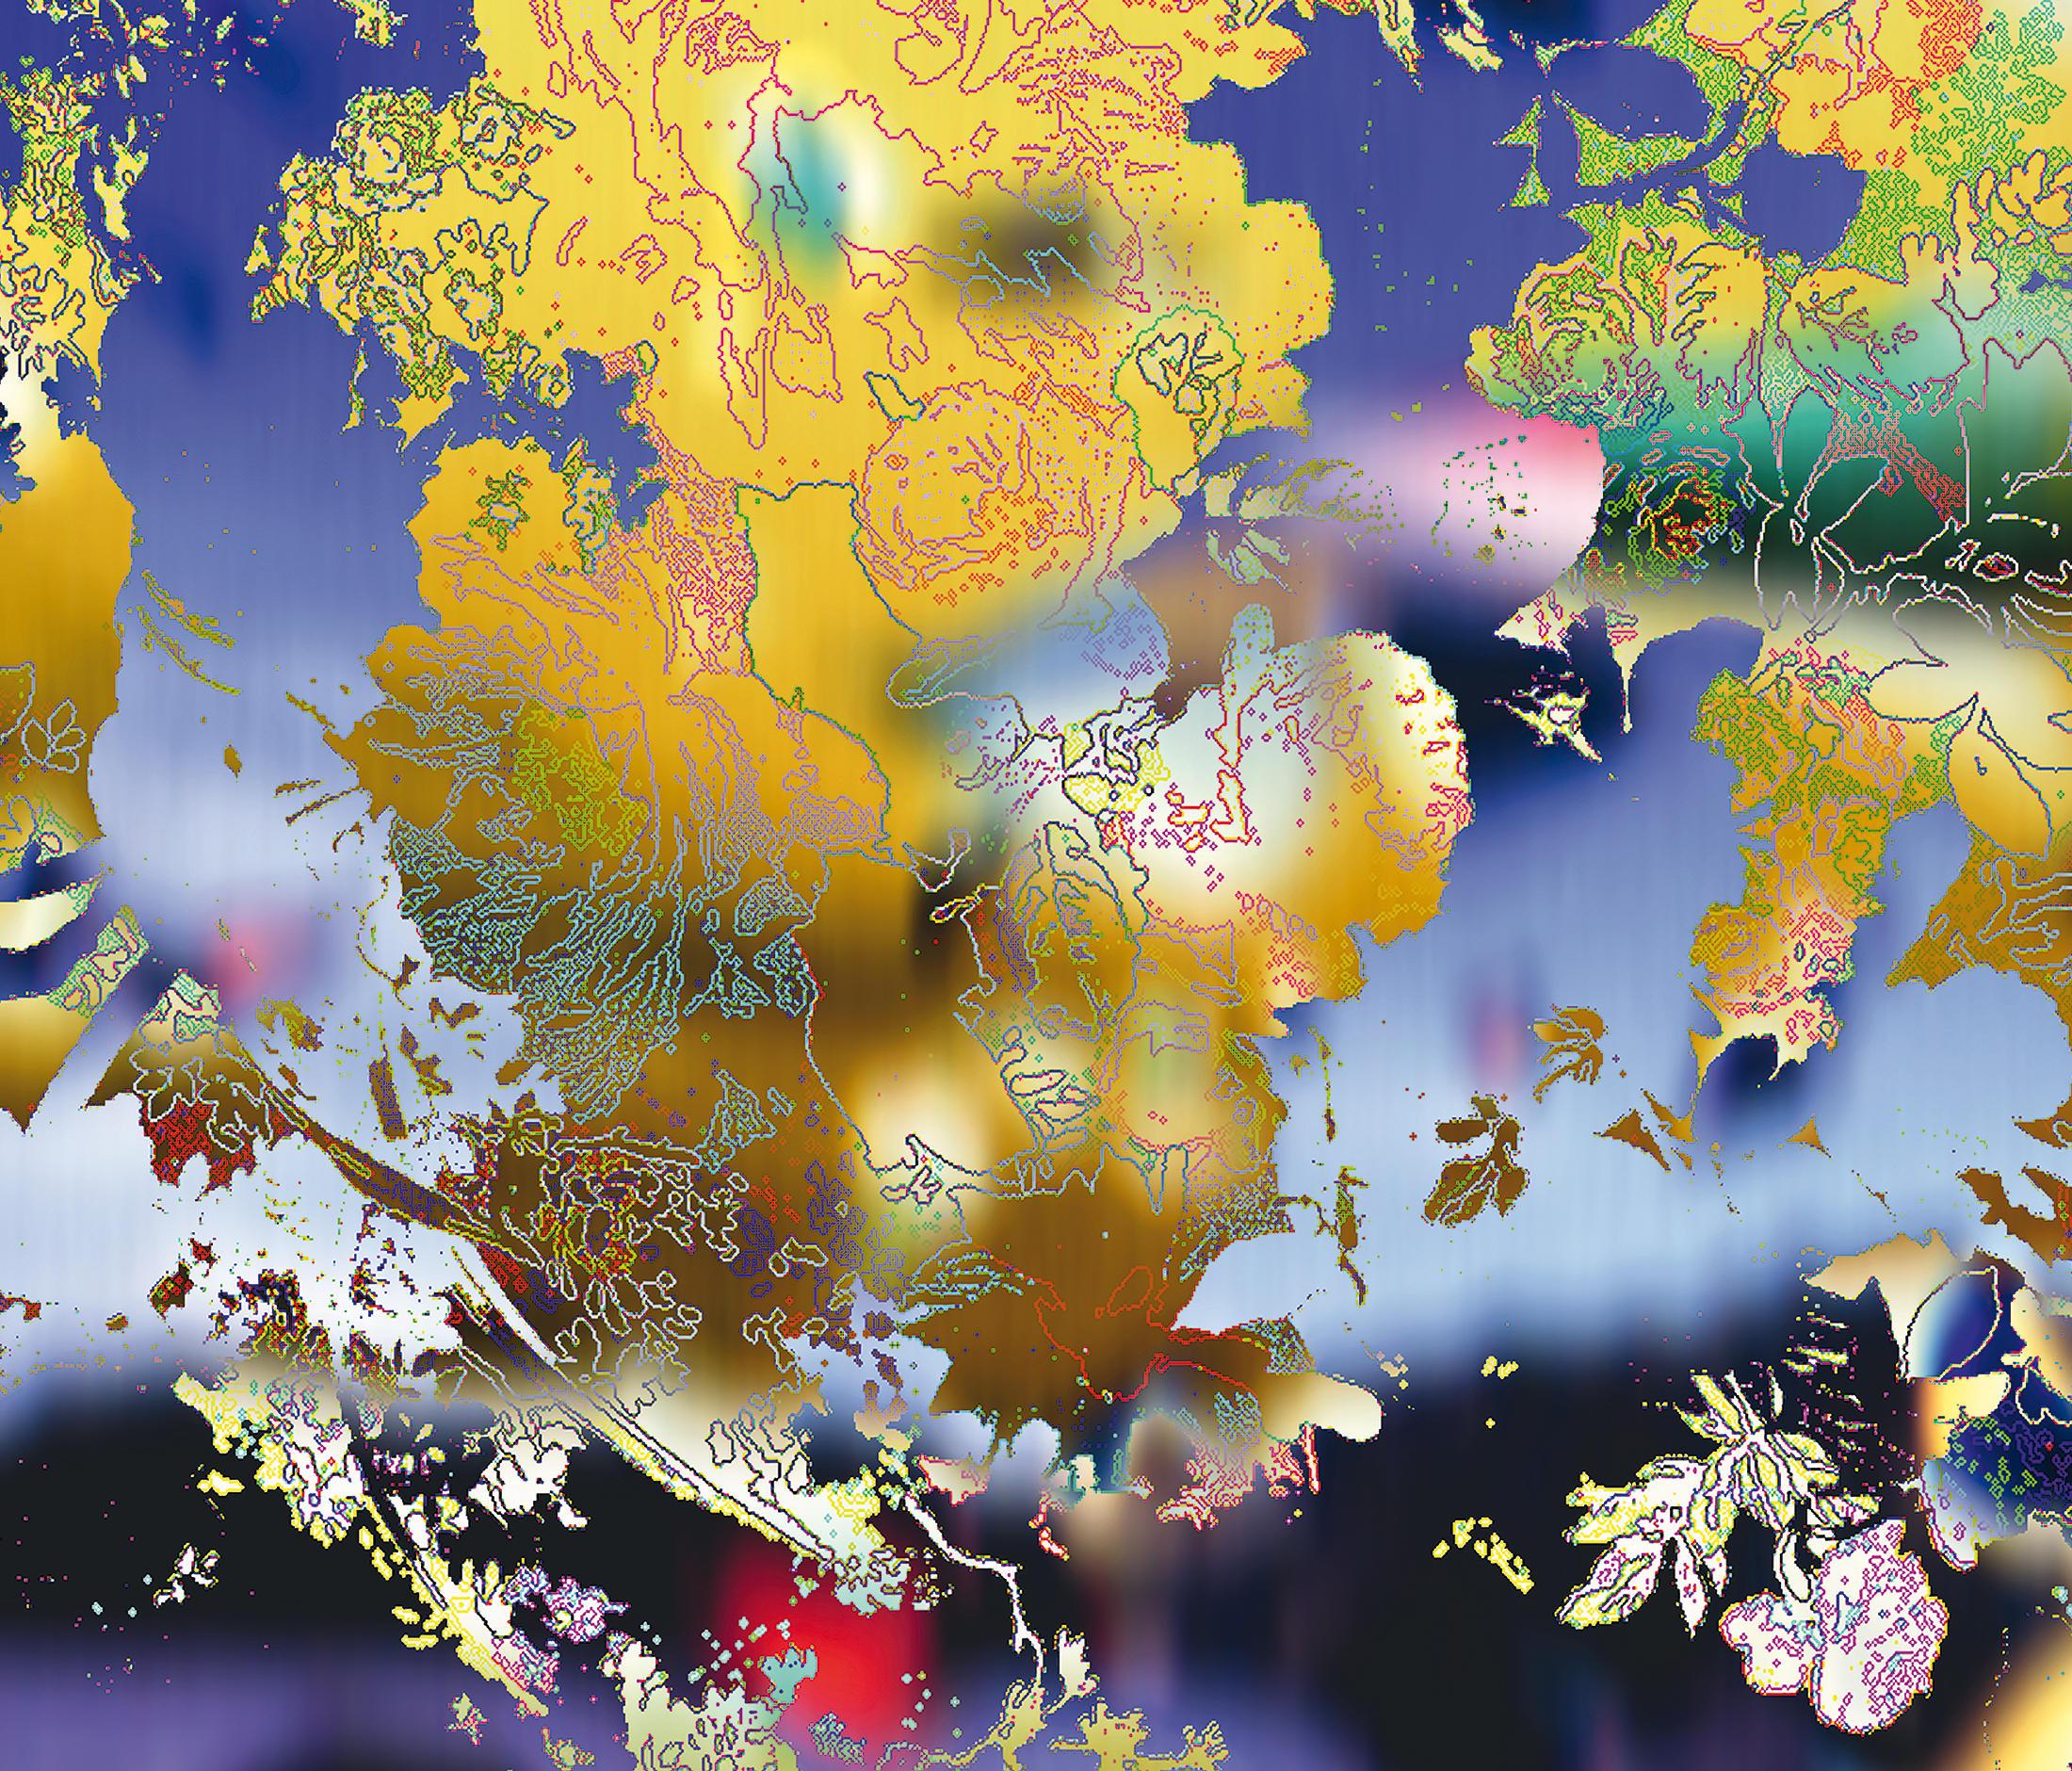 De blur collection 7 carta da parati carta da parati for Produttori carta da parati